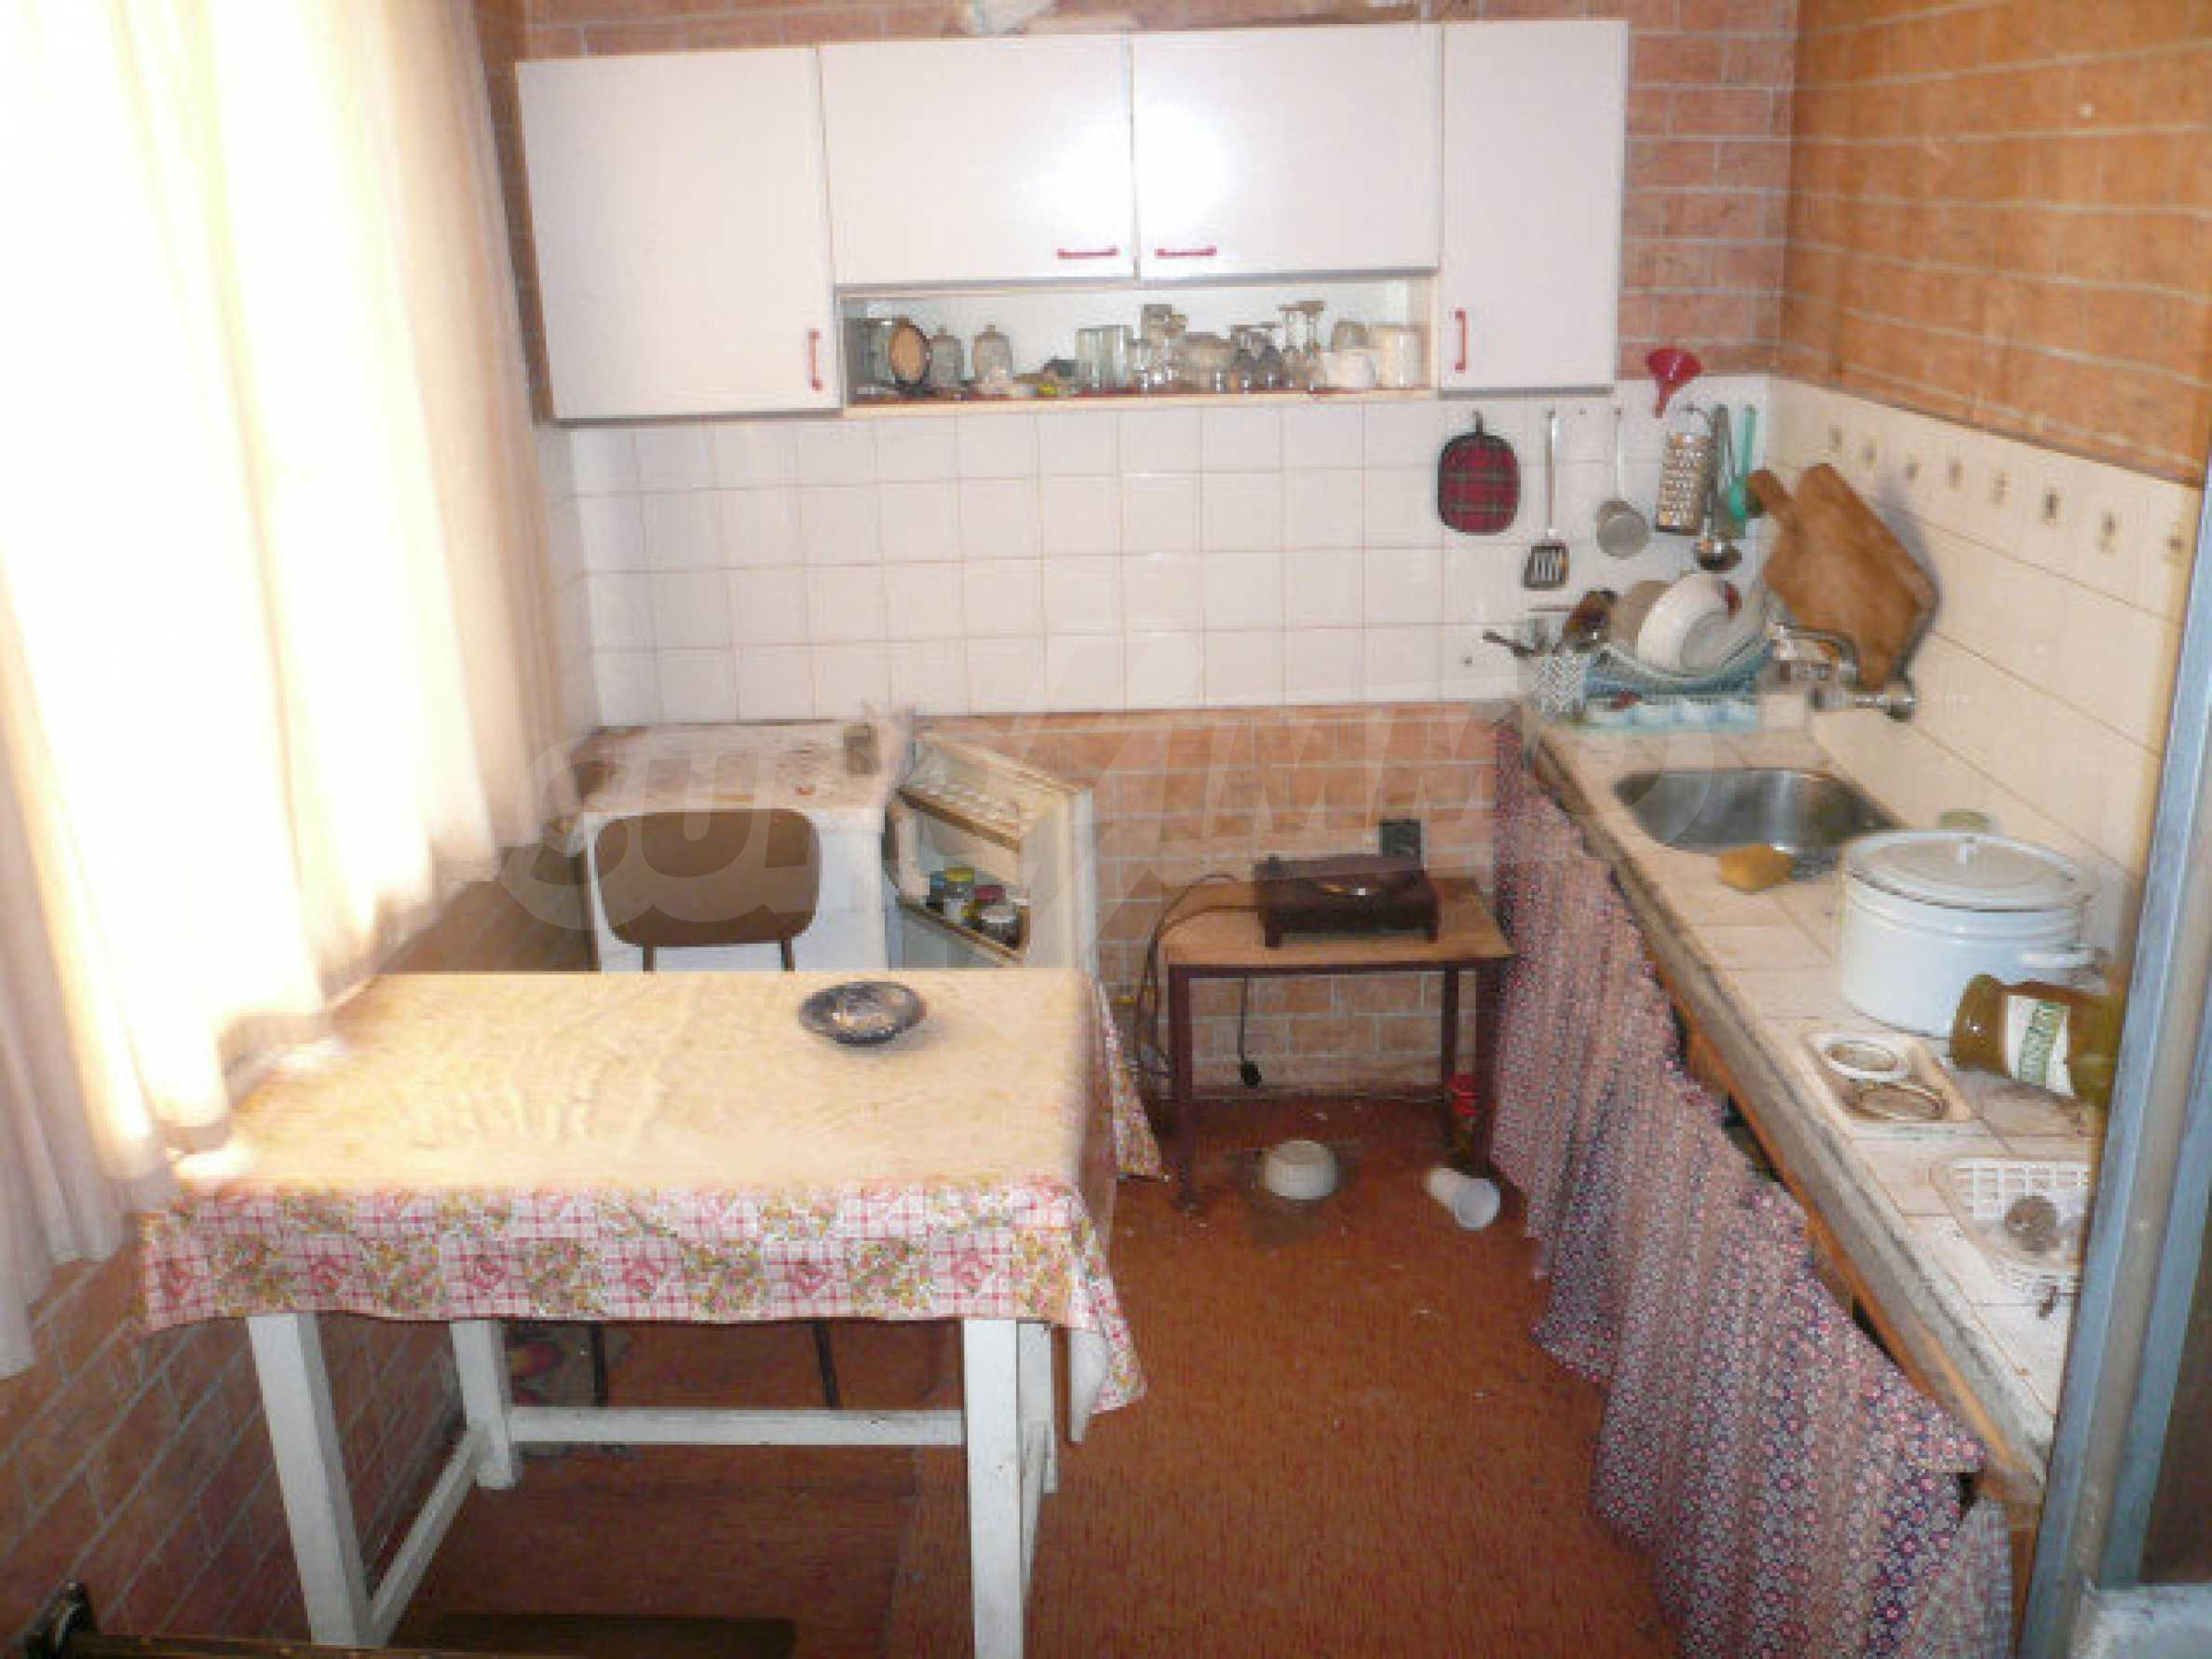 Haus zum Verkauf in der Nähe von Vidin, Bulgarien 12